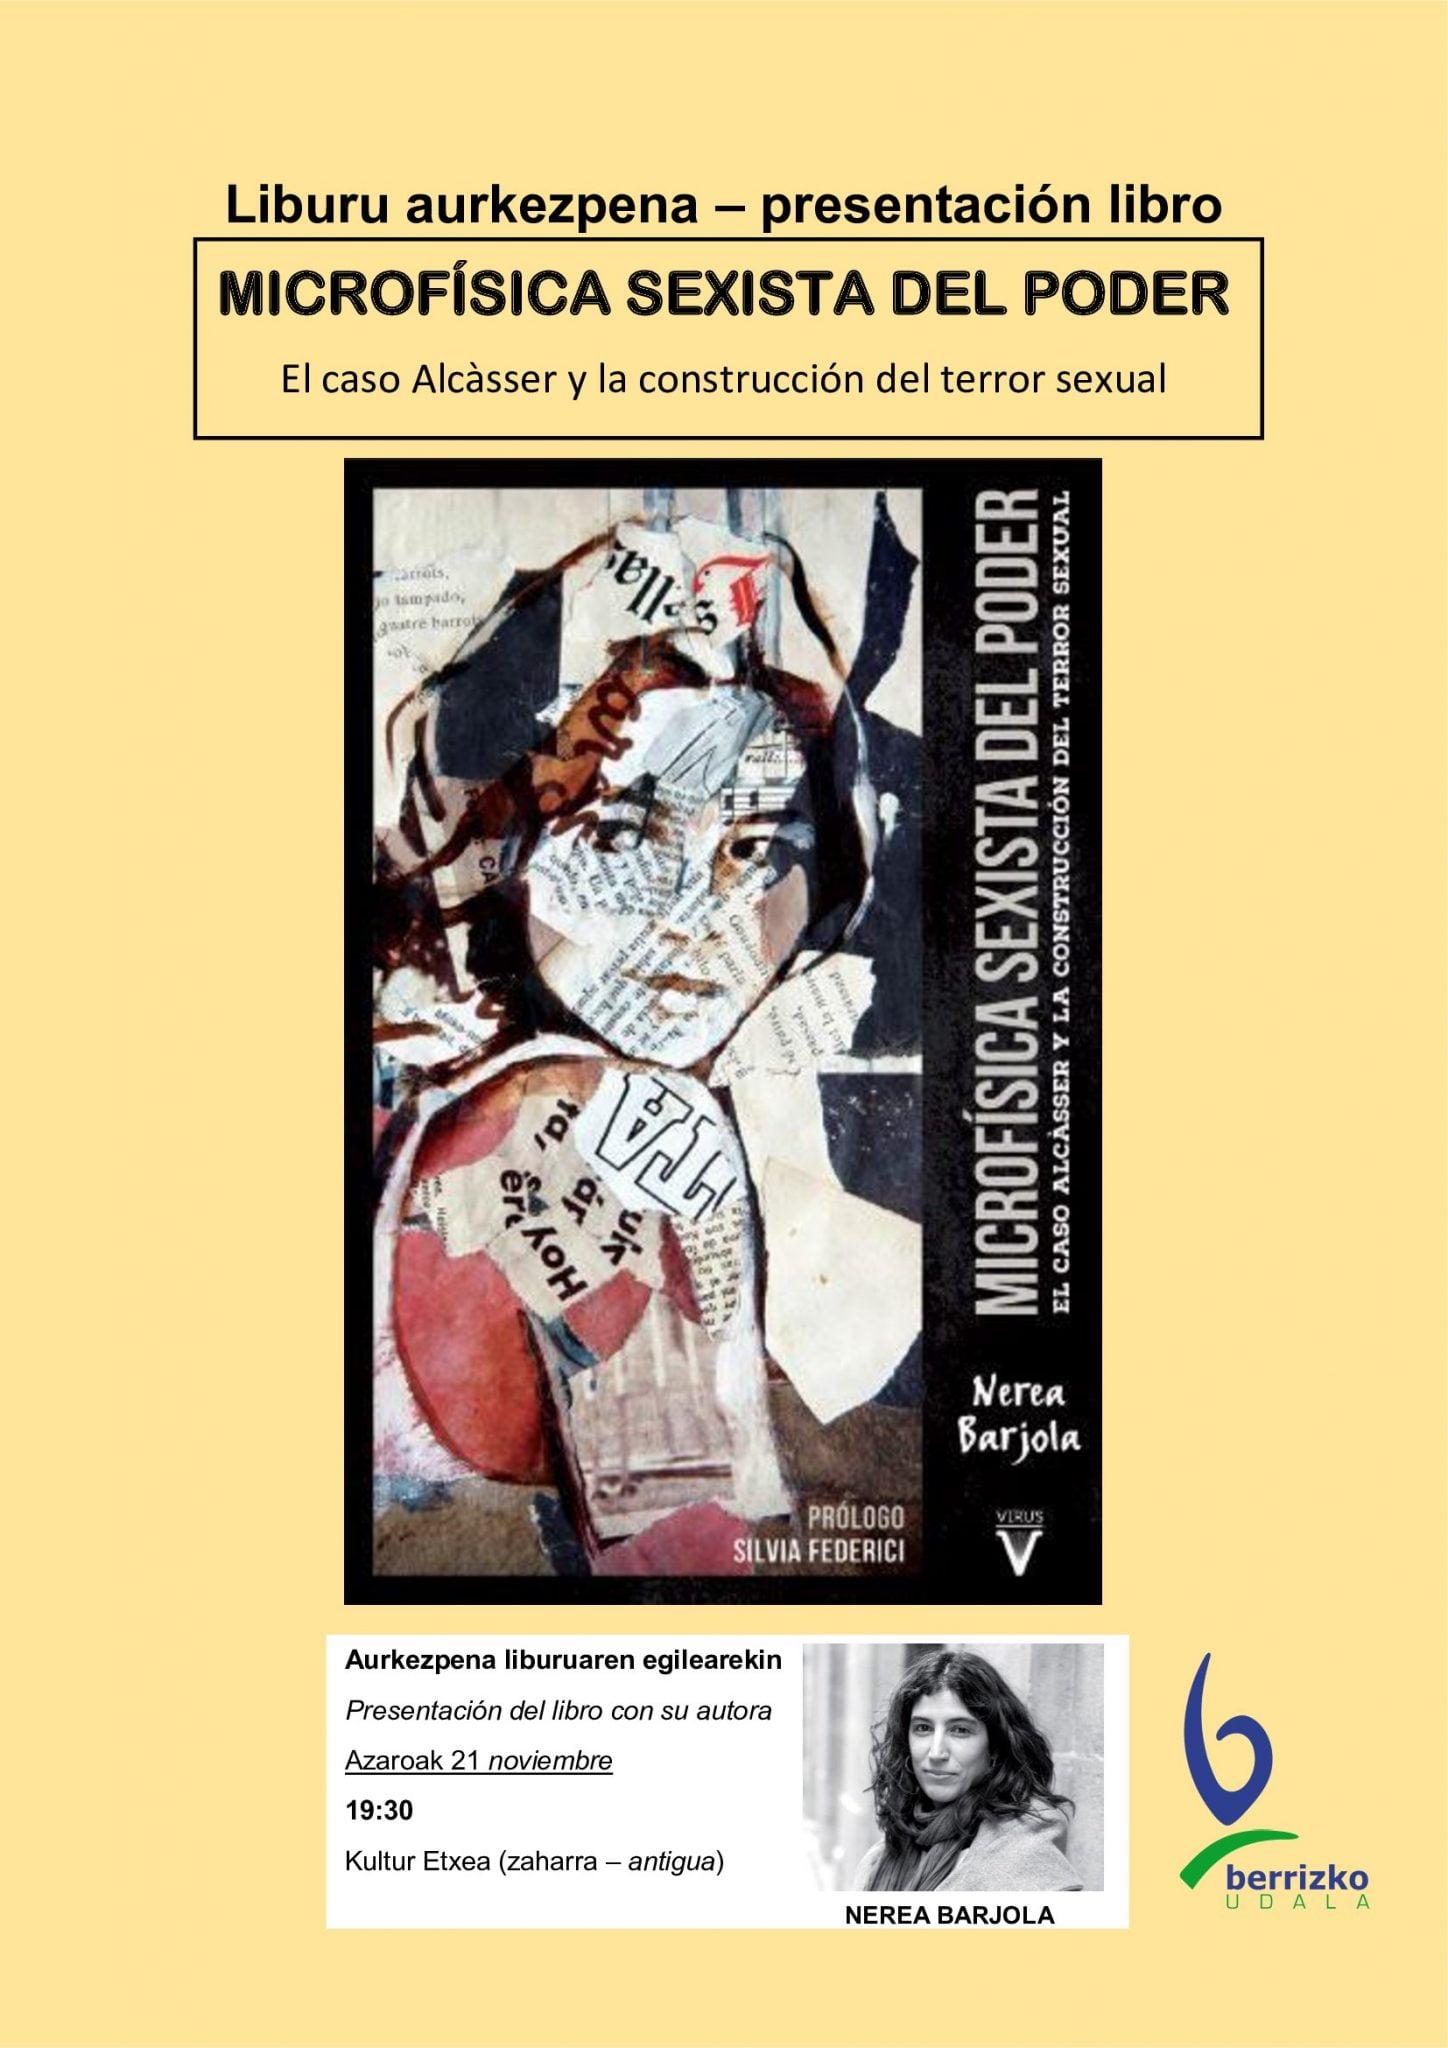 Berriz, Nerea Barjolaren liburuaren aurkezpena @ Berrizko Kultur Etxea